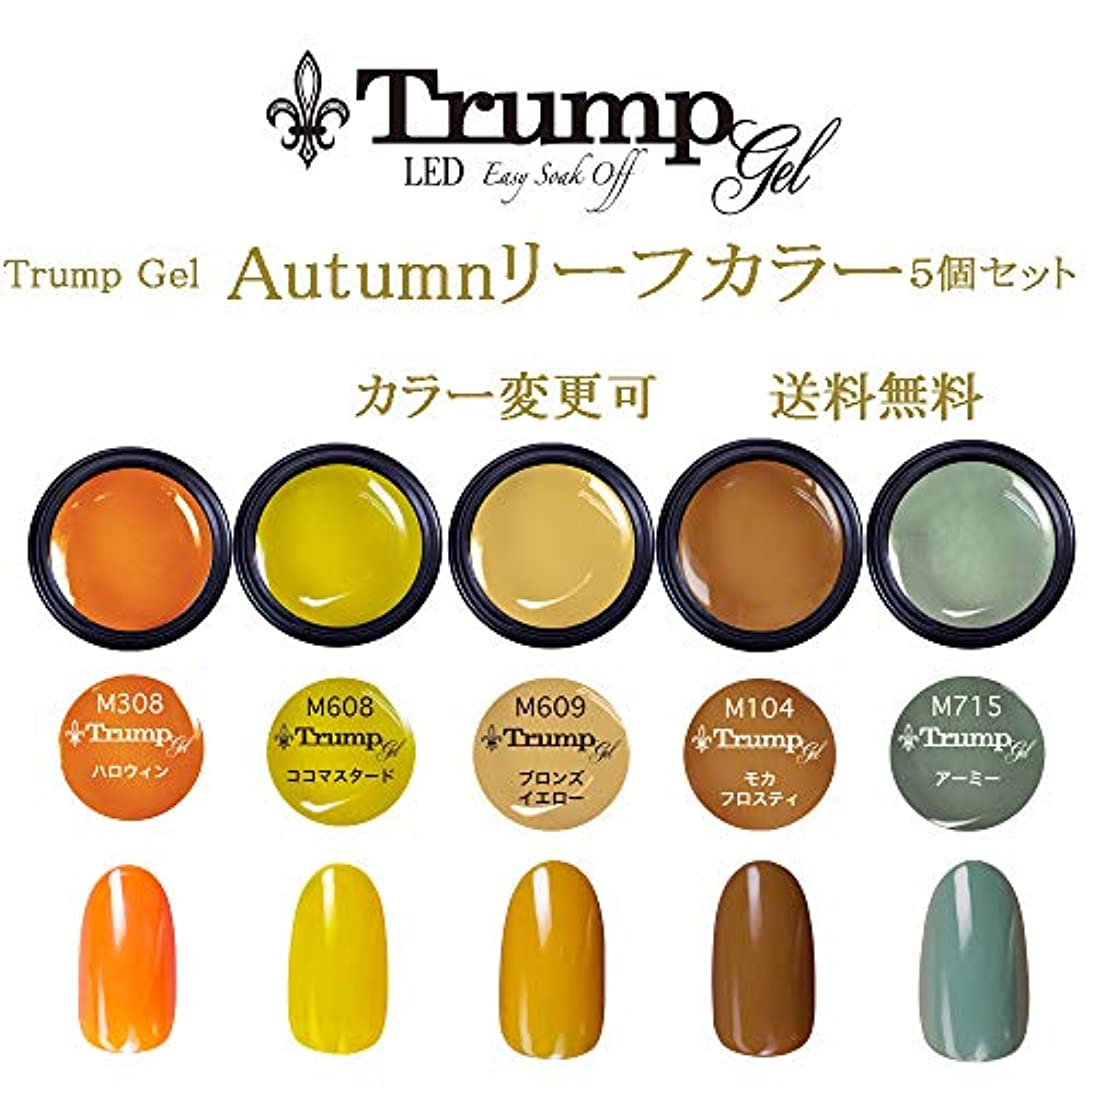 【送料無料】日本製 Trump gel トランプジェル オータムリーフカラー 選べる カラージェル 5個セット オータムネイル ベージュ ブラウン マスタード カラー